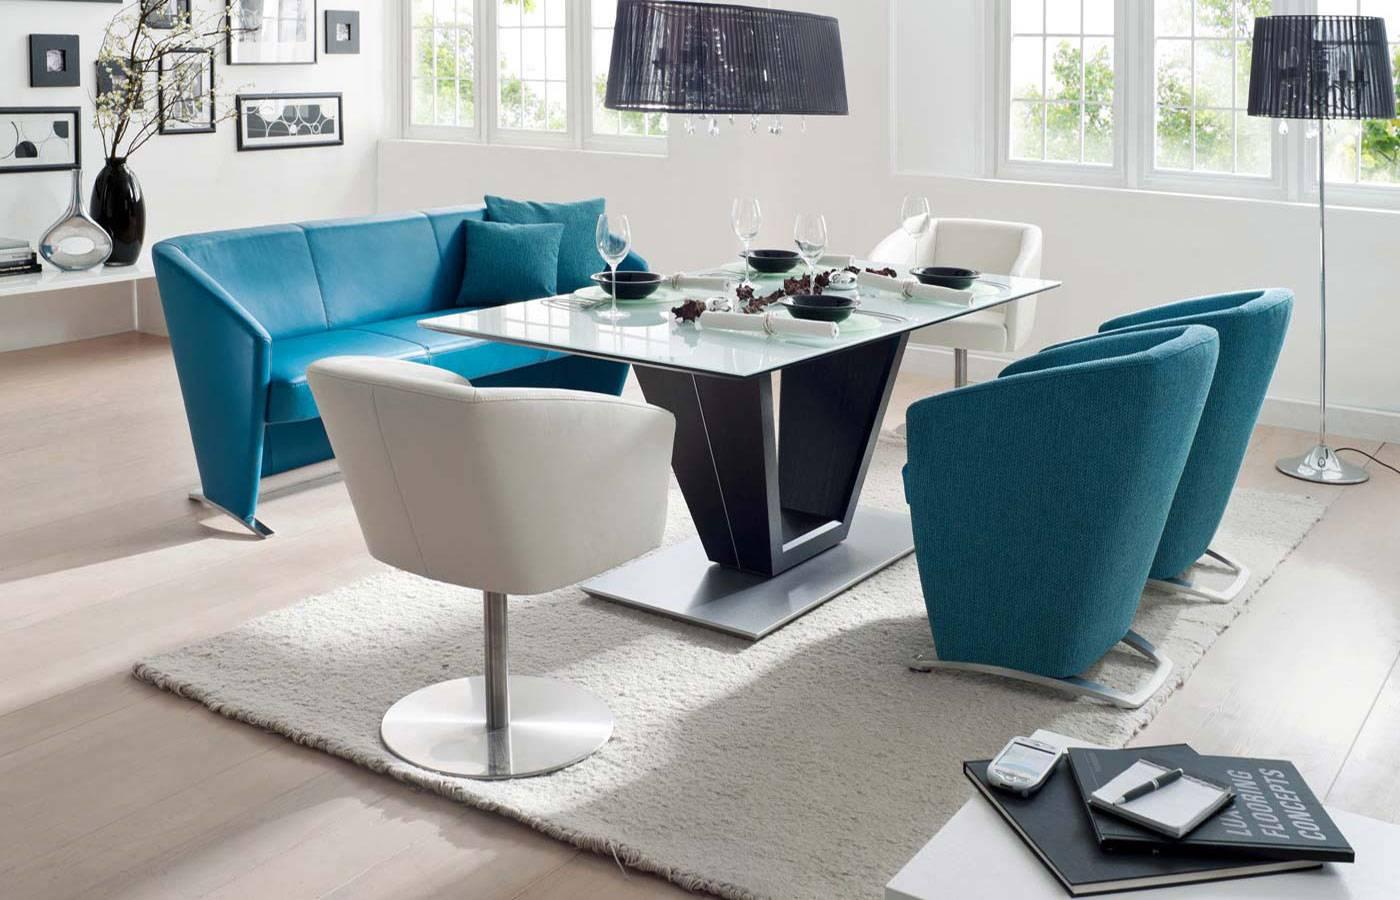 Бирюзовая и белая мягкая мебель на кухне